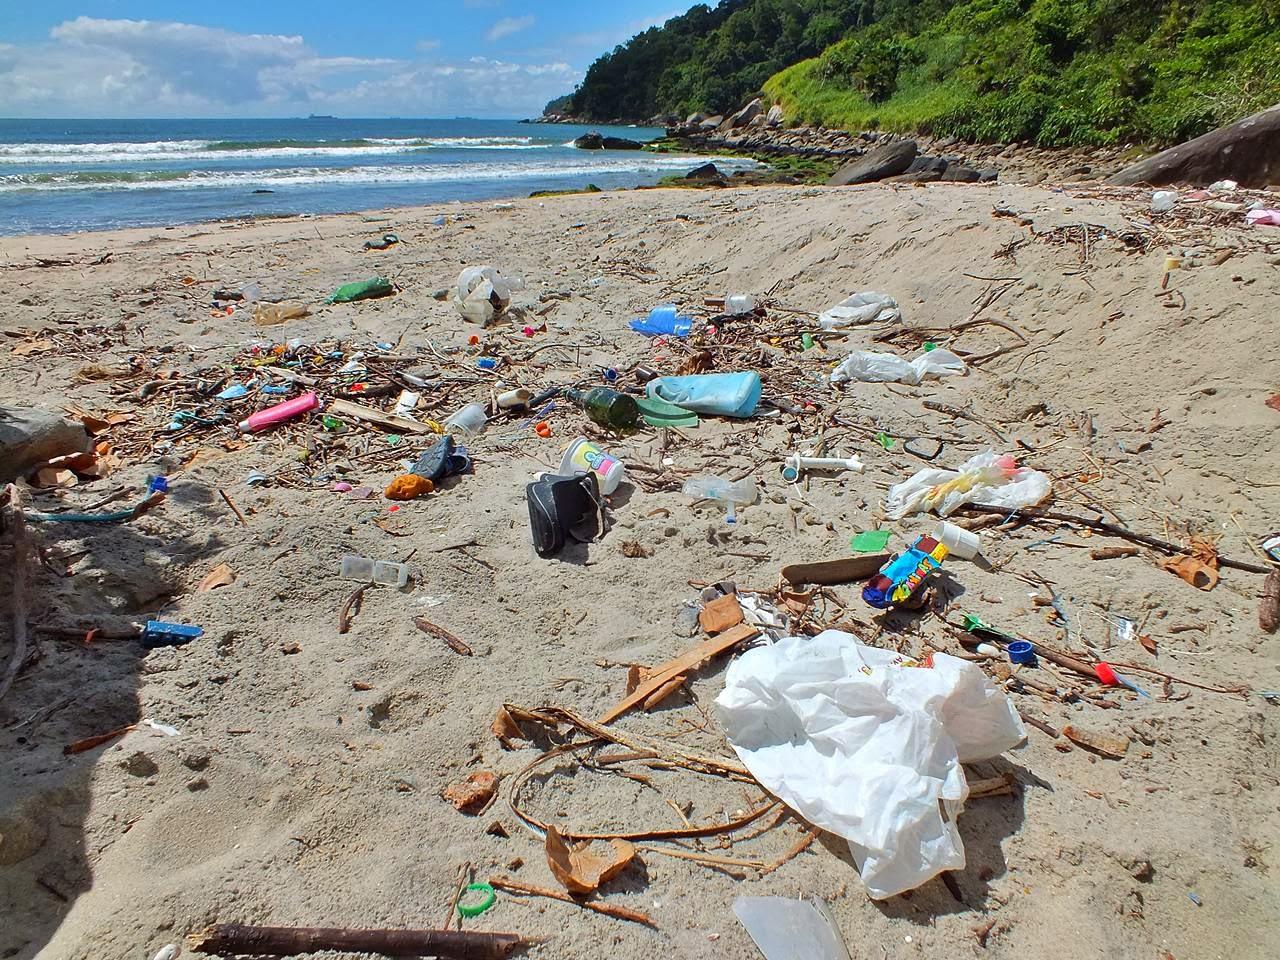 Praia de Itaquitanduva, em São Vicente. Grande parte do lixo descartado no estuário de Santos é transportado pela maré e por correntes marinhas. Foto: William Rodriguez Schepis / Instituto EcoFaxina